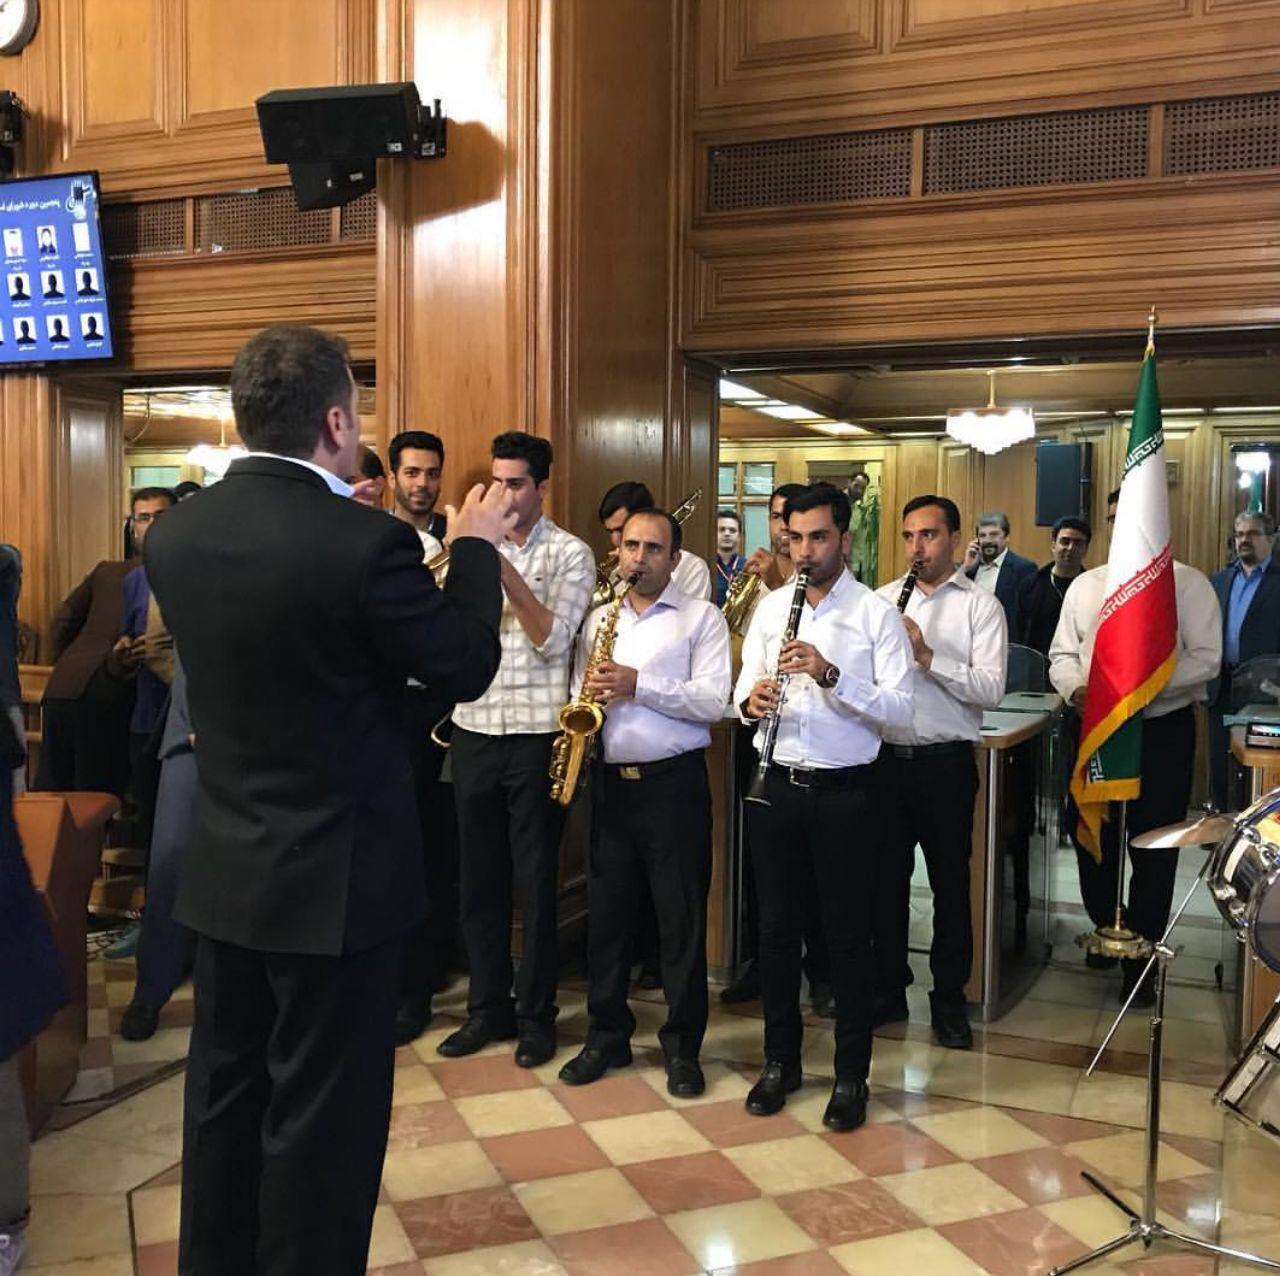 گرامیداشت روز پرچم در شورای شهر تهران + عکس